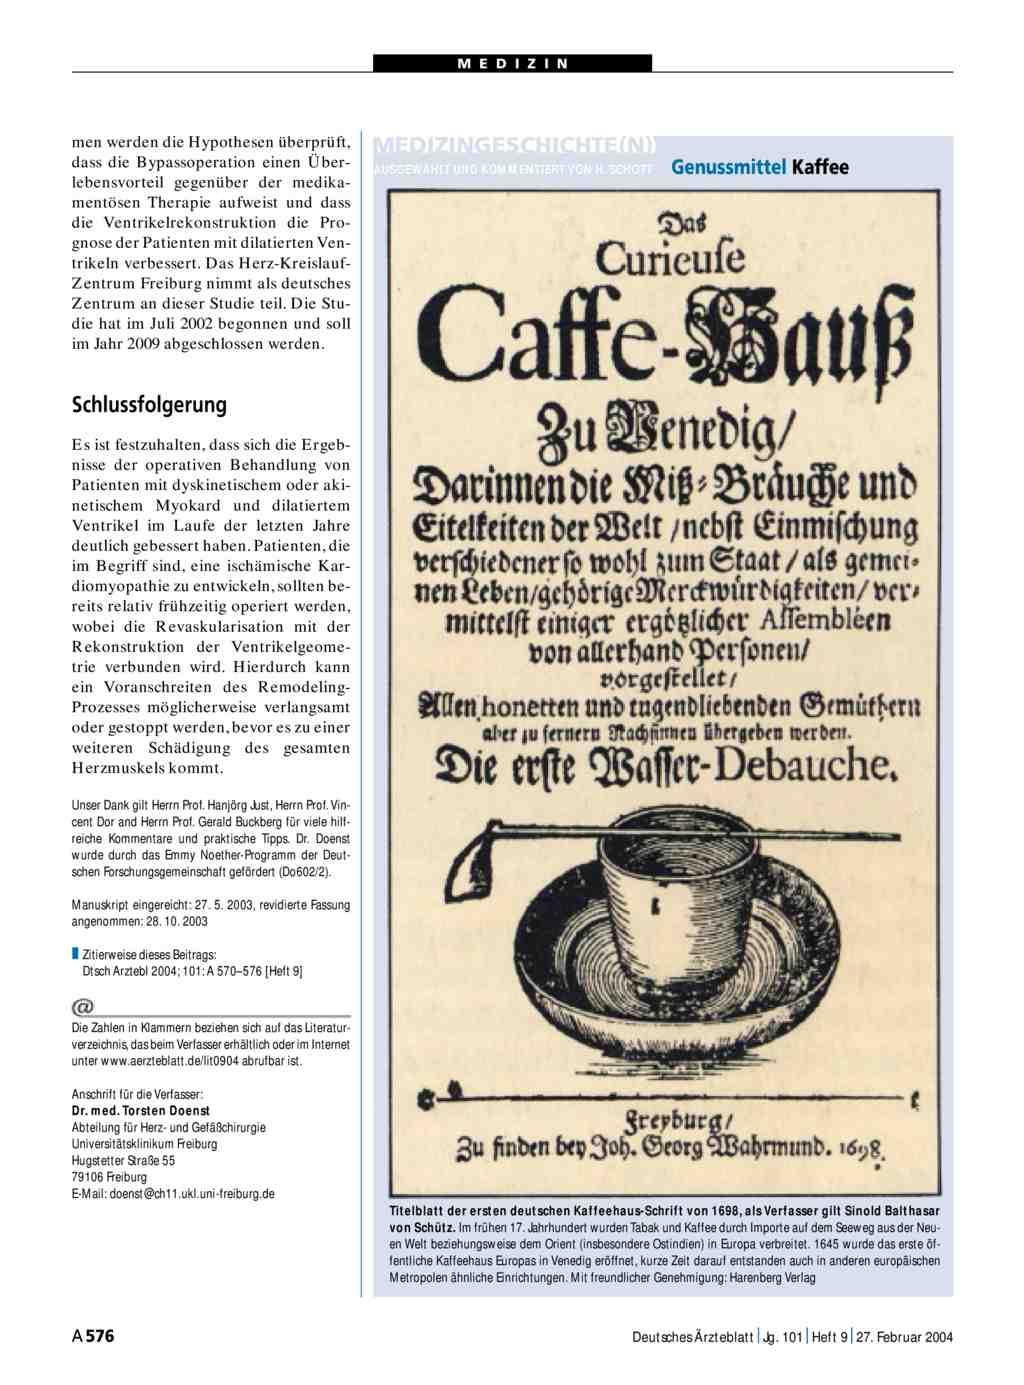 Medizingeschichte n genussmittel kaffee for Medizin studieren schweiz